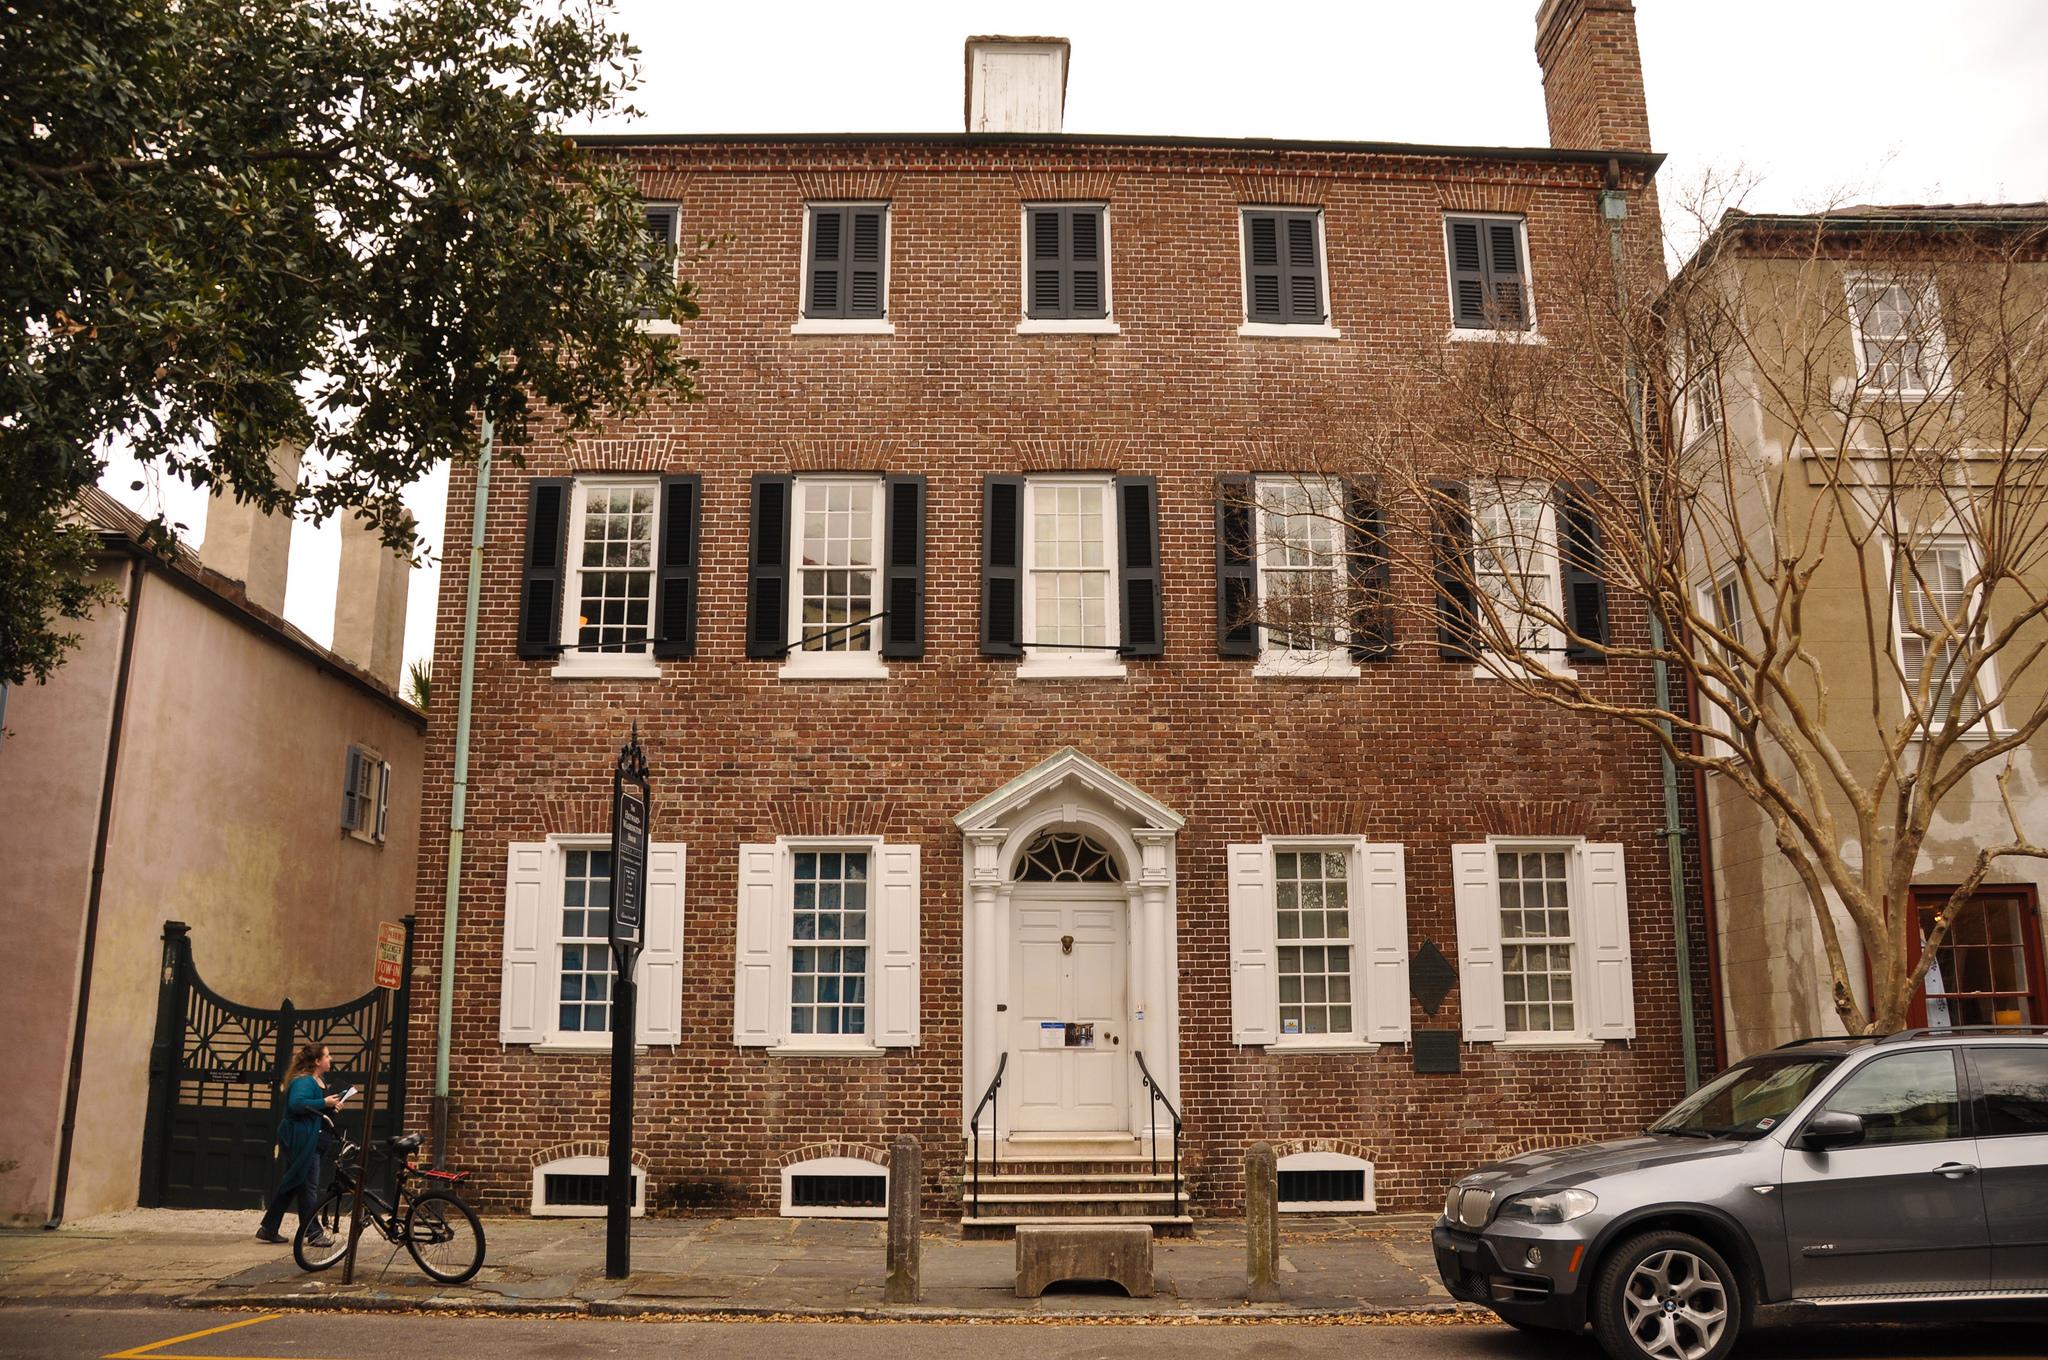 Heyward Washington House James Willamor Flickr